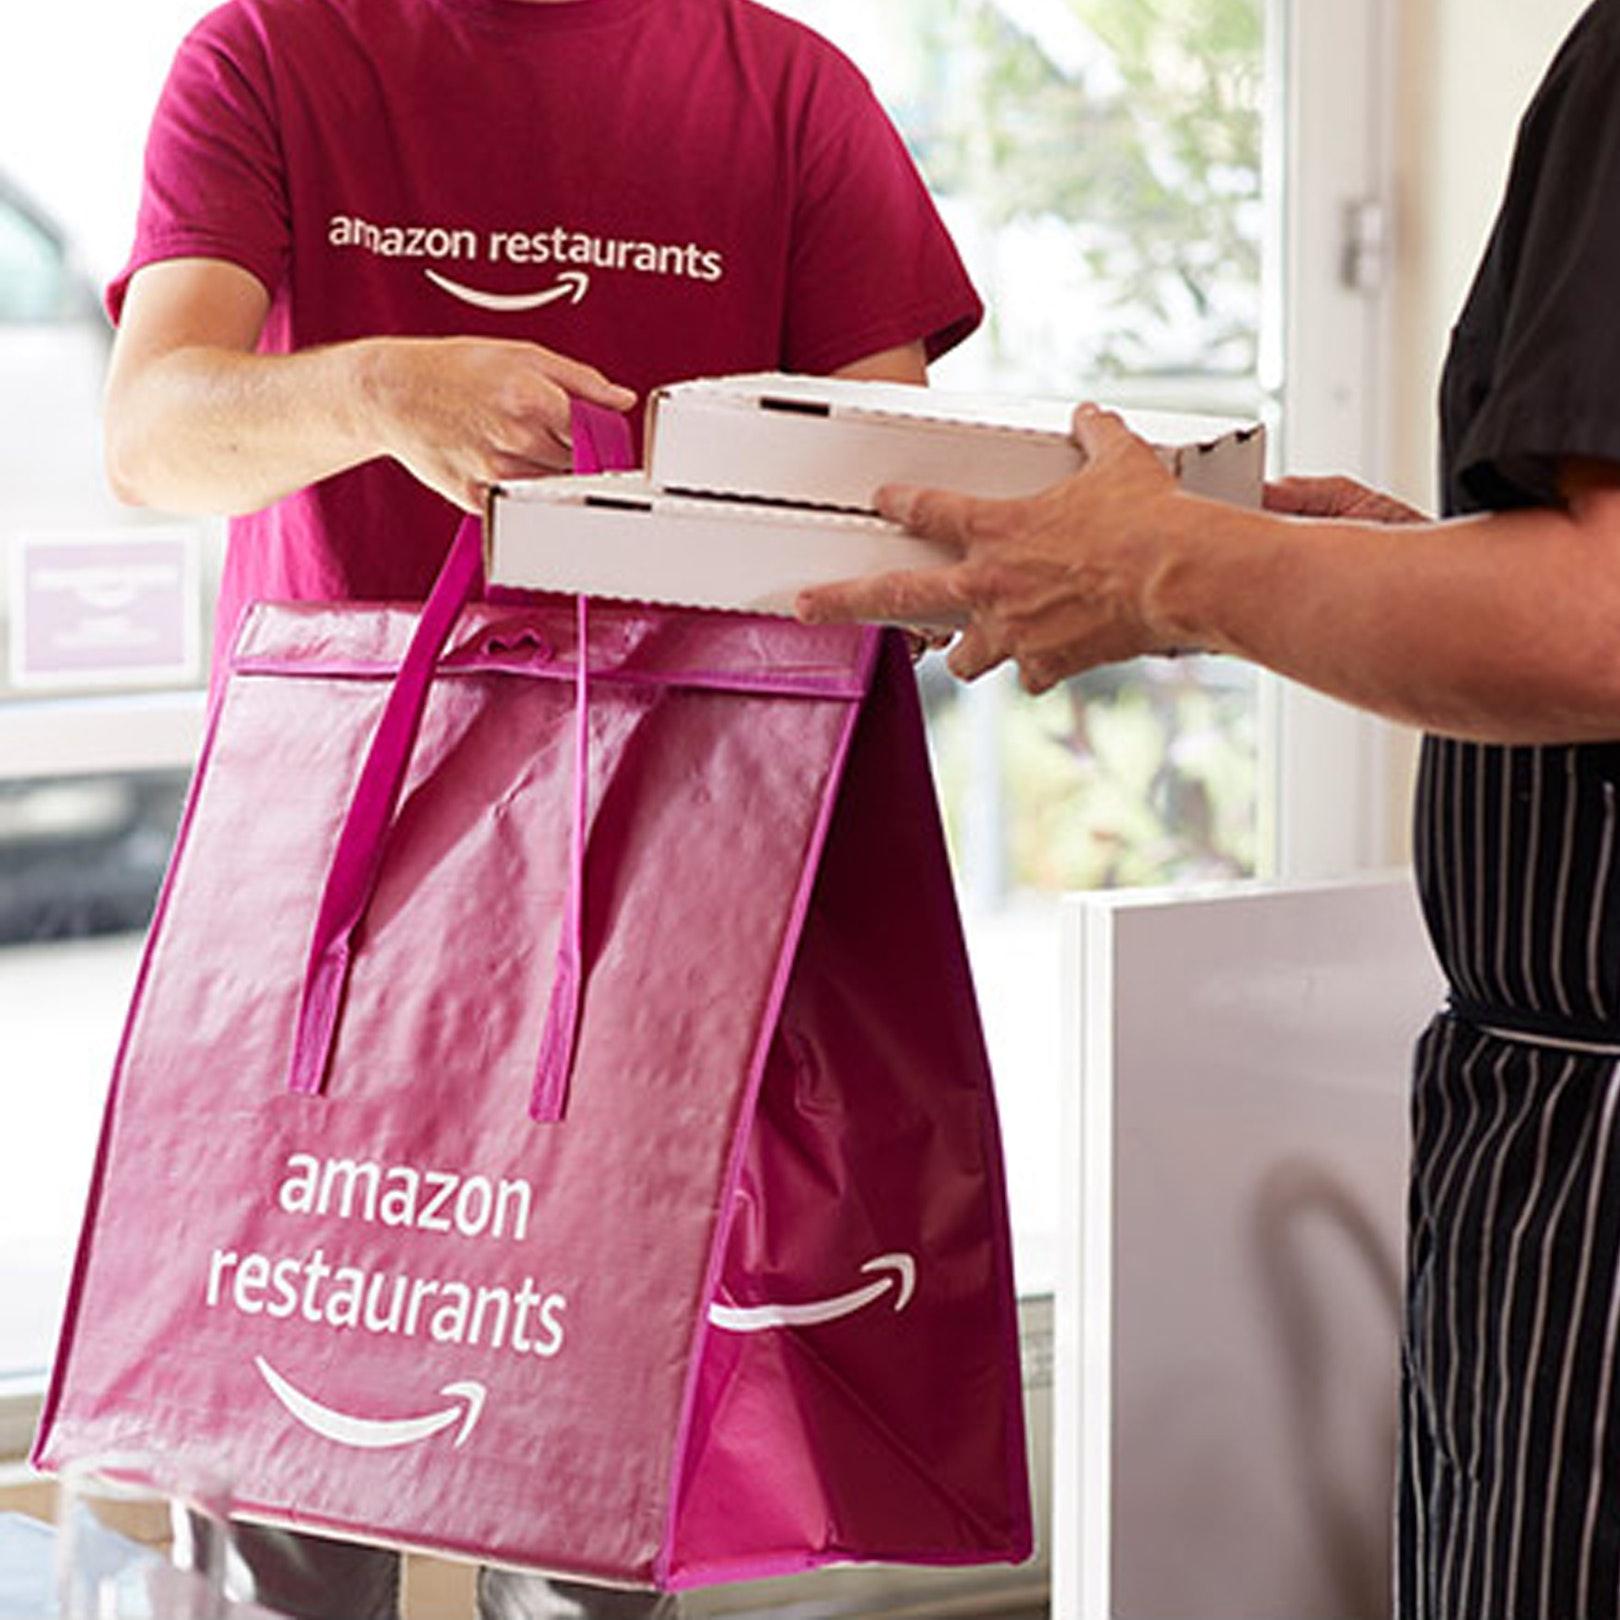 Amazon Restaurants order deals